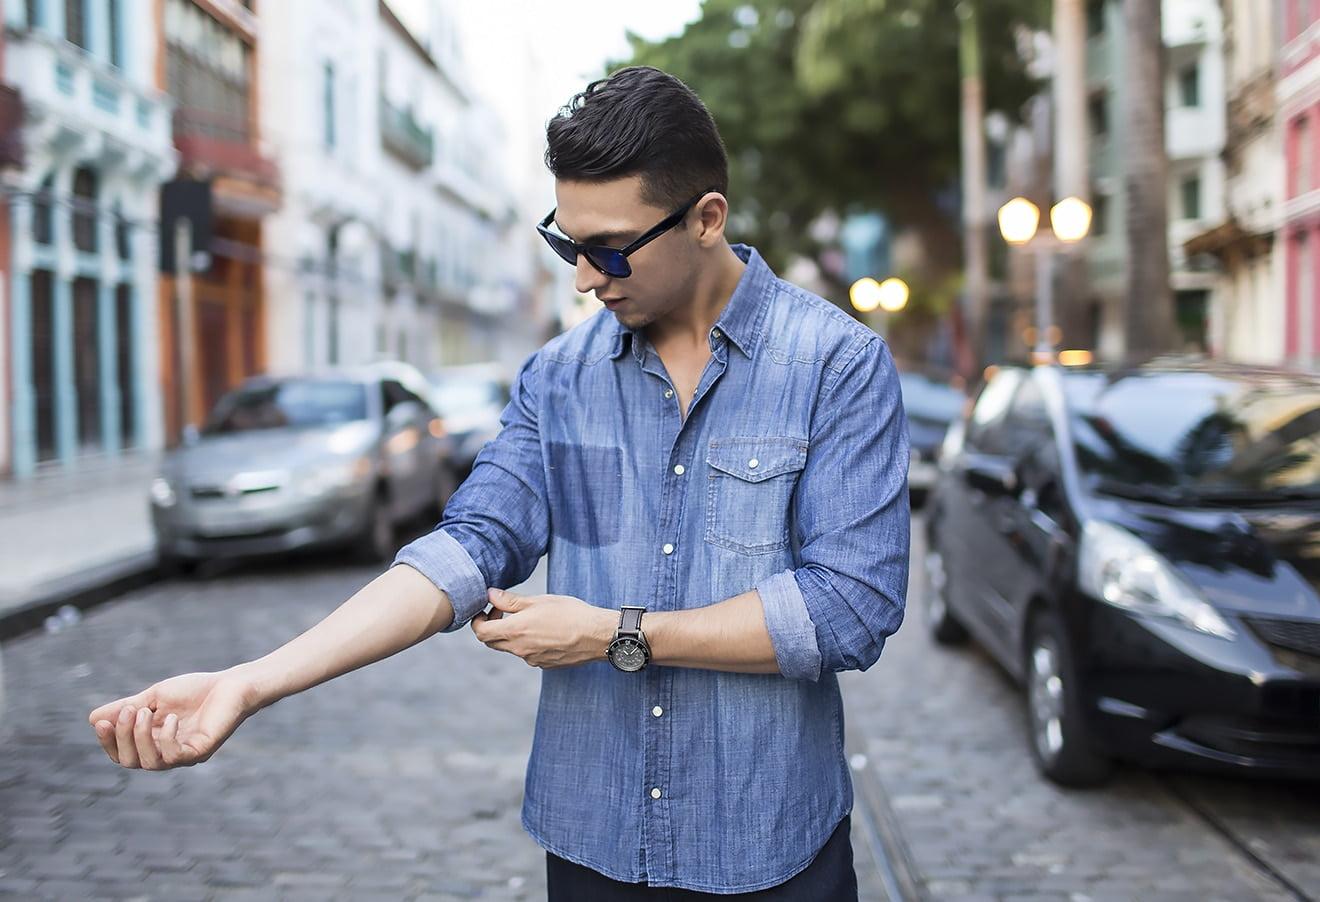 Juan Alves Total Jeans Homens que se cuidam 3